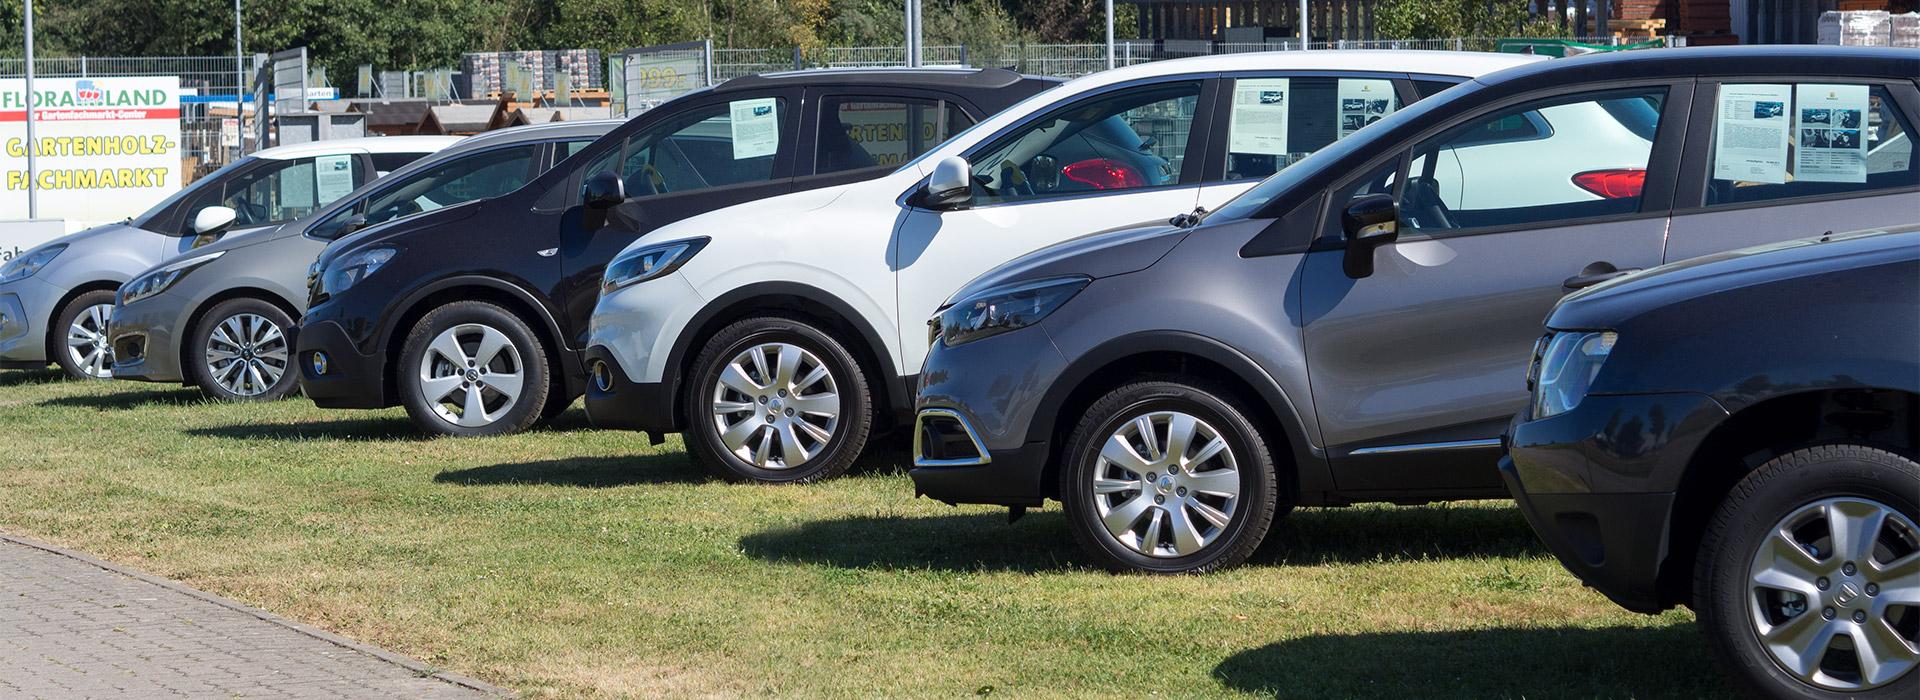 EU-Reimporte - günstige Alternative zum Neuwagen